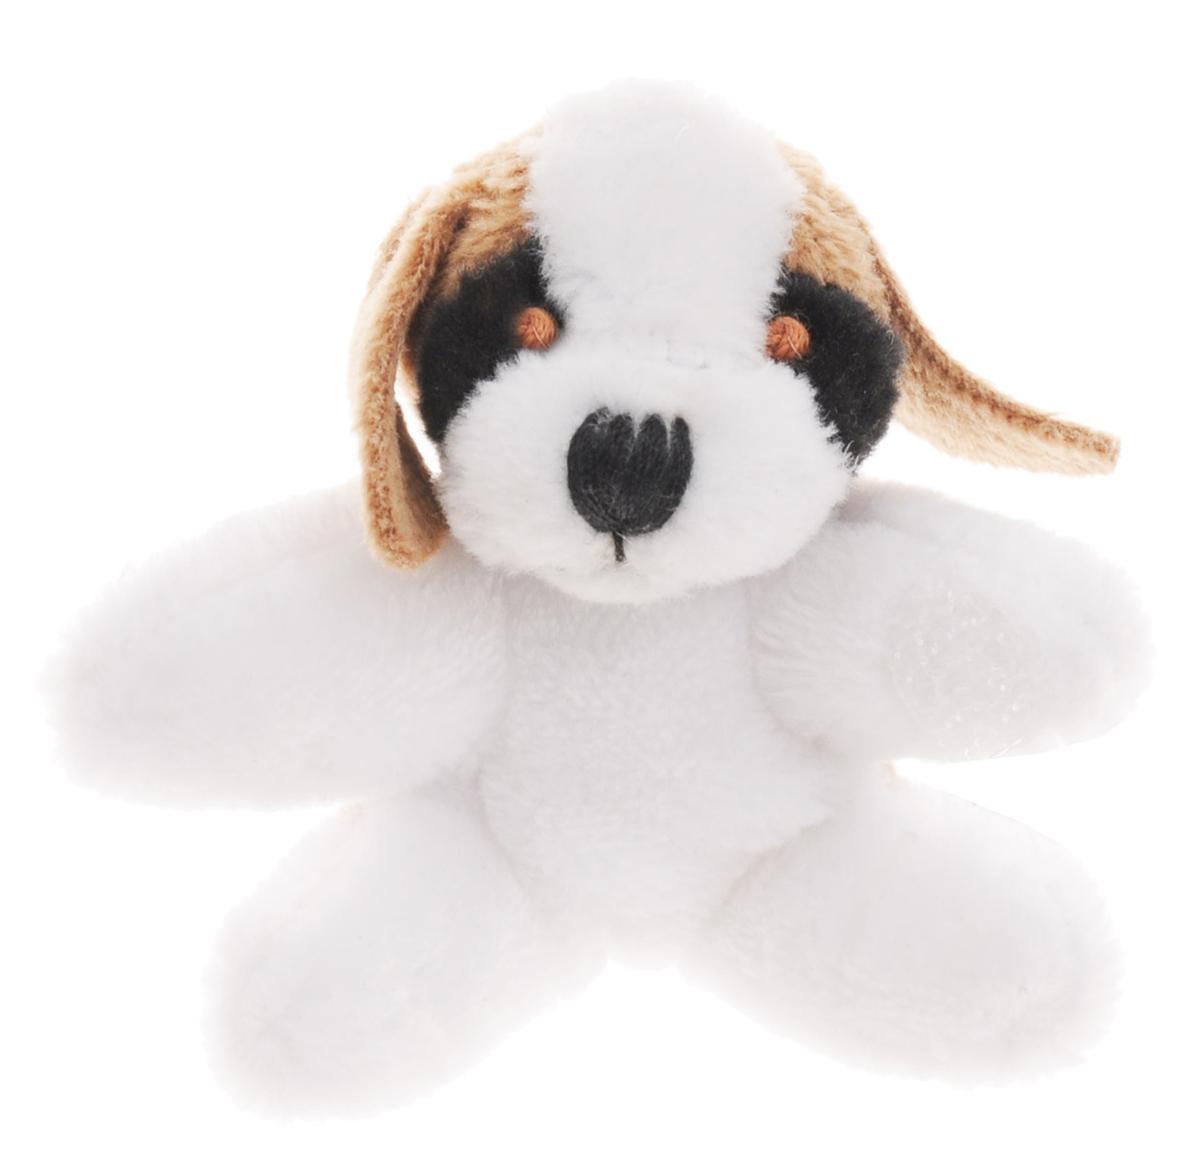 Beanzees Мягкая игрушка Собака Pepper 5 смB31001_2_белый, коричневыйСимпатичная миниатюрная мягкая игрушка Beanzees Собака Pepper - это игрушка три в одном. Ее приятно держать в руках, увлекательно коллекционировать, а также эти игрушки можно соединять между собой с помощью липучек и носить как оригинальное украшение на шею или на руку. По легенде эти крошечные животные обитают все вместе в волшебном лесу под названием Бинзилэнд, в котором всегда ярко светит солнышко и цветут цветы. Размер игрушки 5 см, она выполнена из мягкого гипоаллергенного материала, набивка - синтетическое волокно, в том числе специальные пластиковые гранулы, делающие эту игрушку замечательным антистрессом. На лапках собачки располагаются маленькие текстильные липучки, с помощью которых игрушку можно соединять с другими.